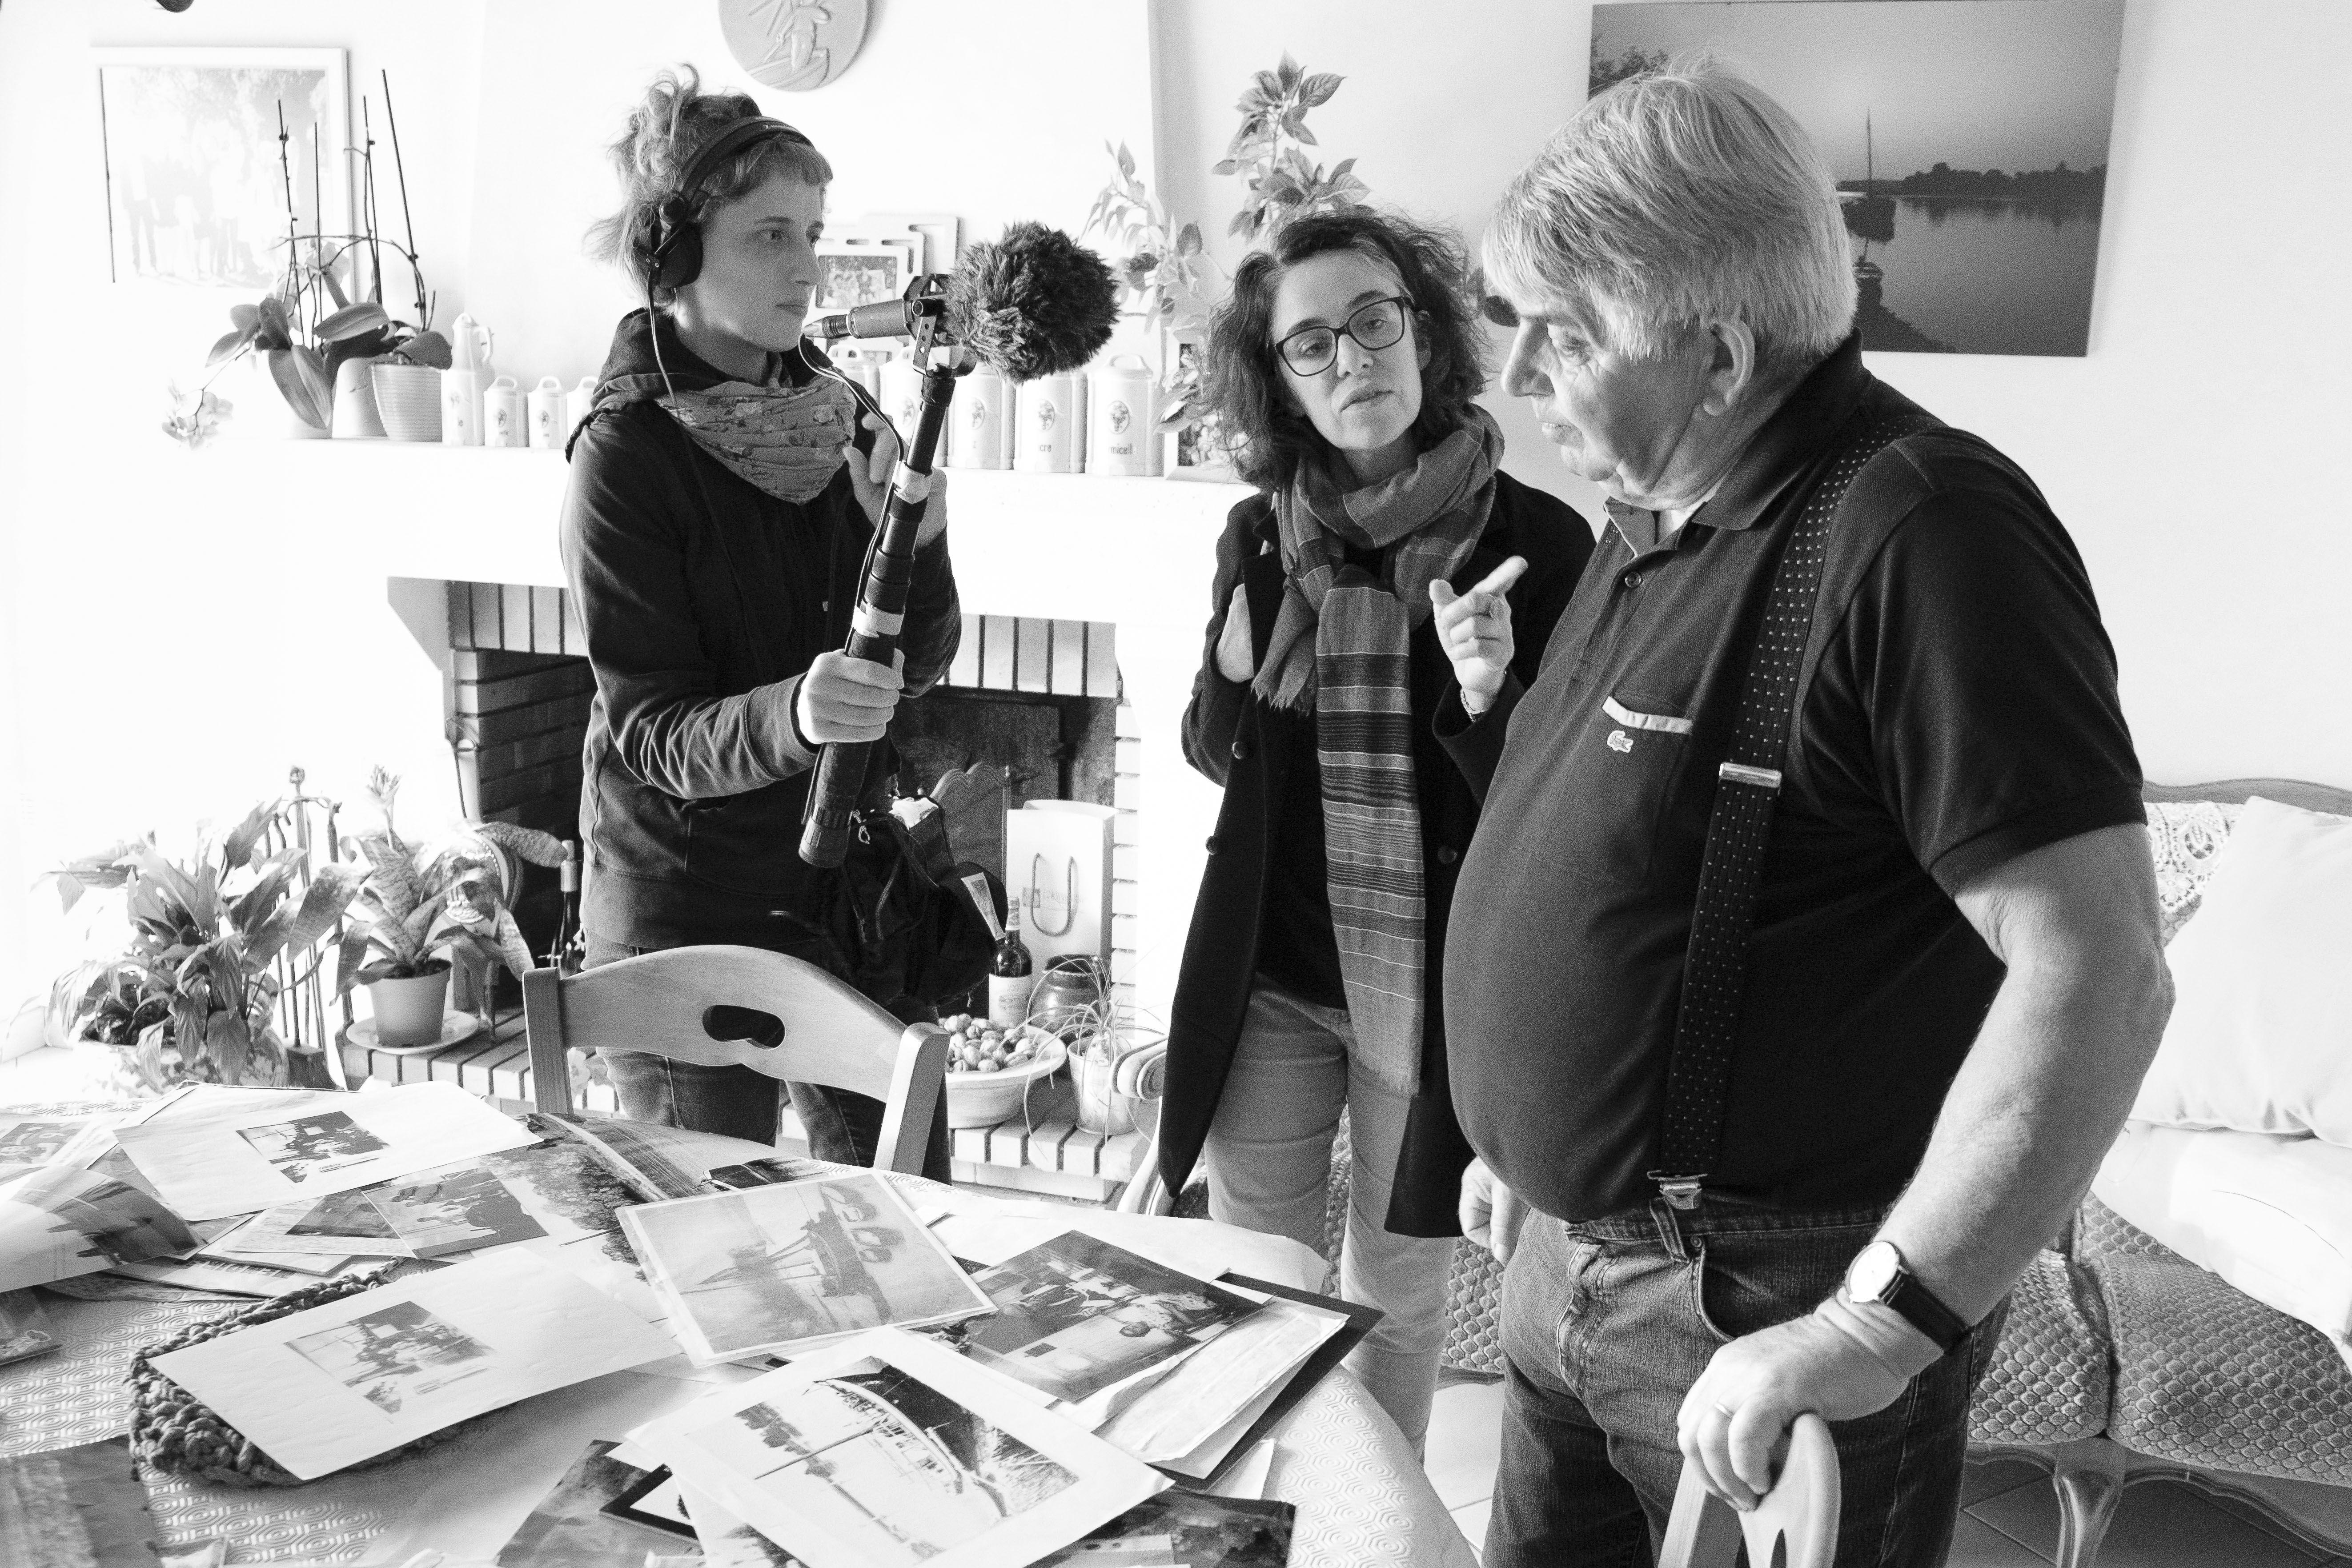 rencontres en France Culture plein air gars datant